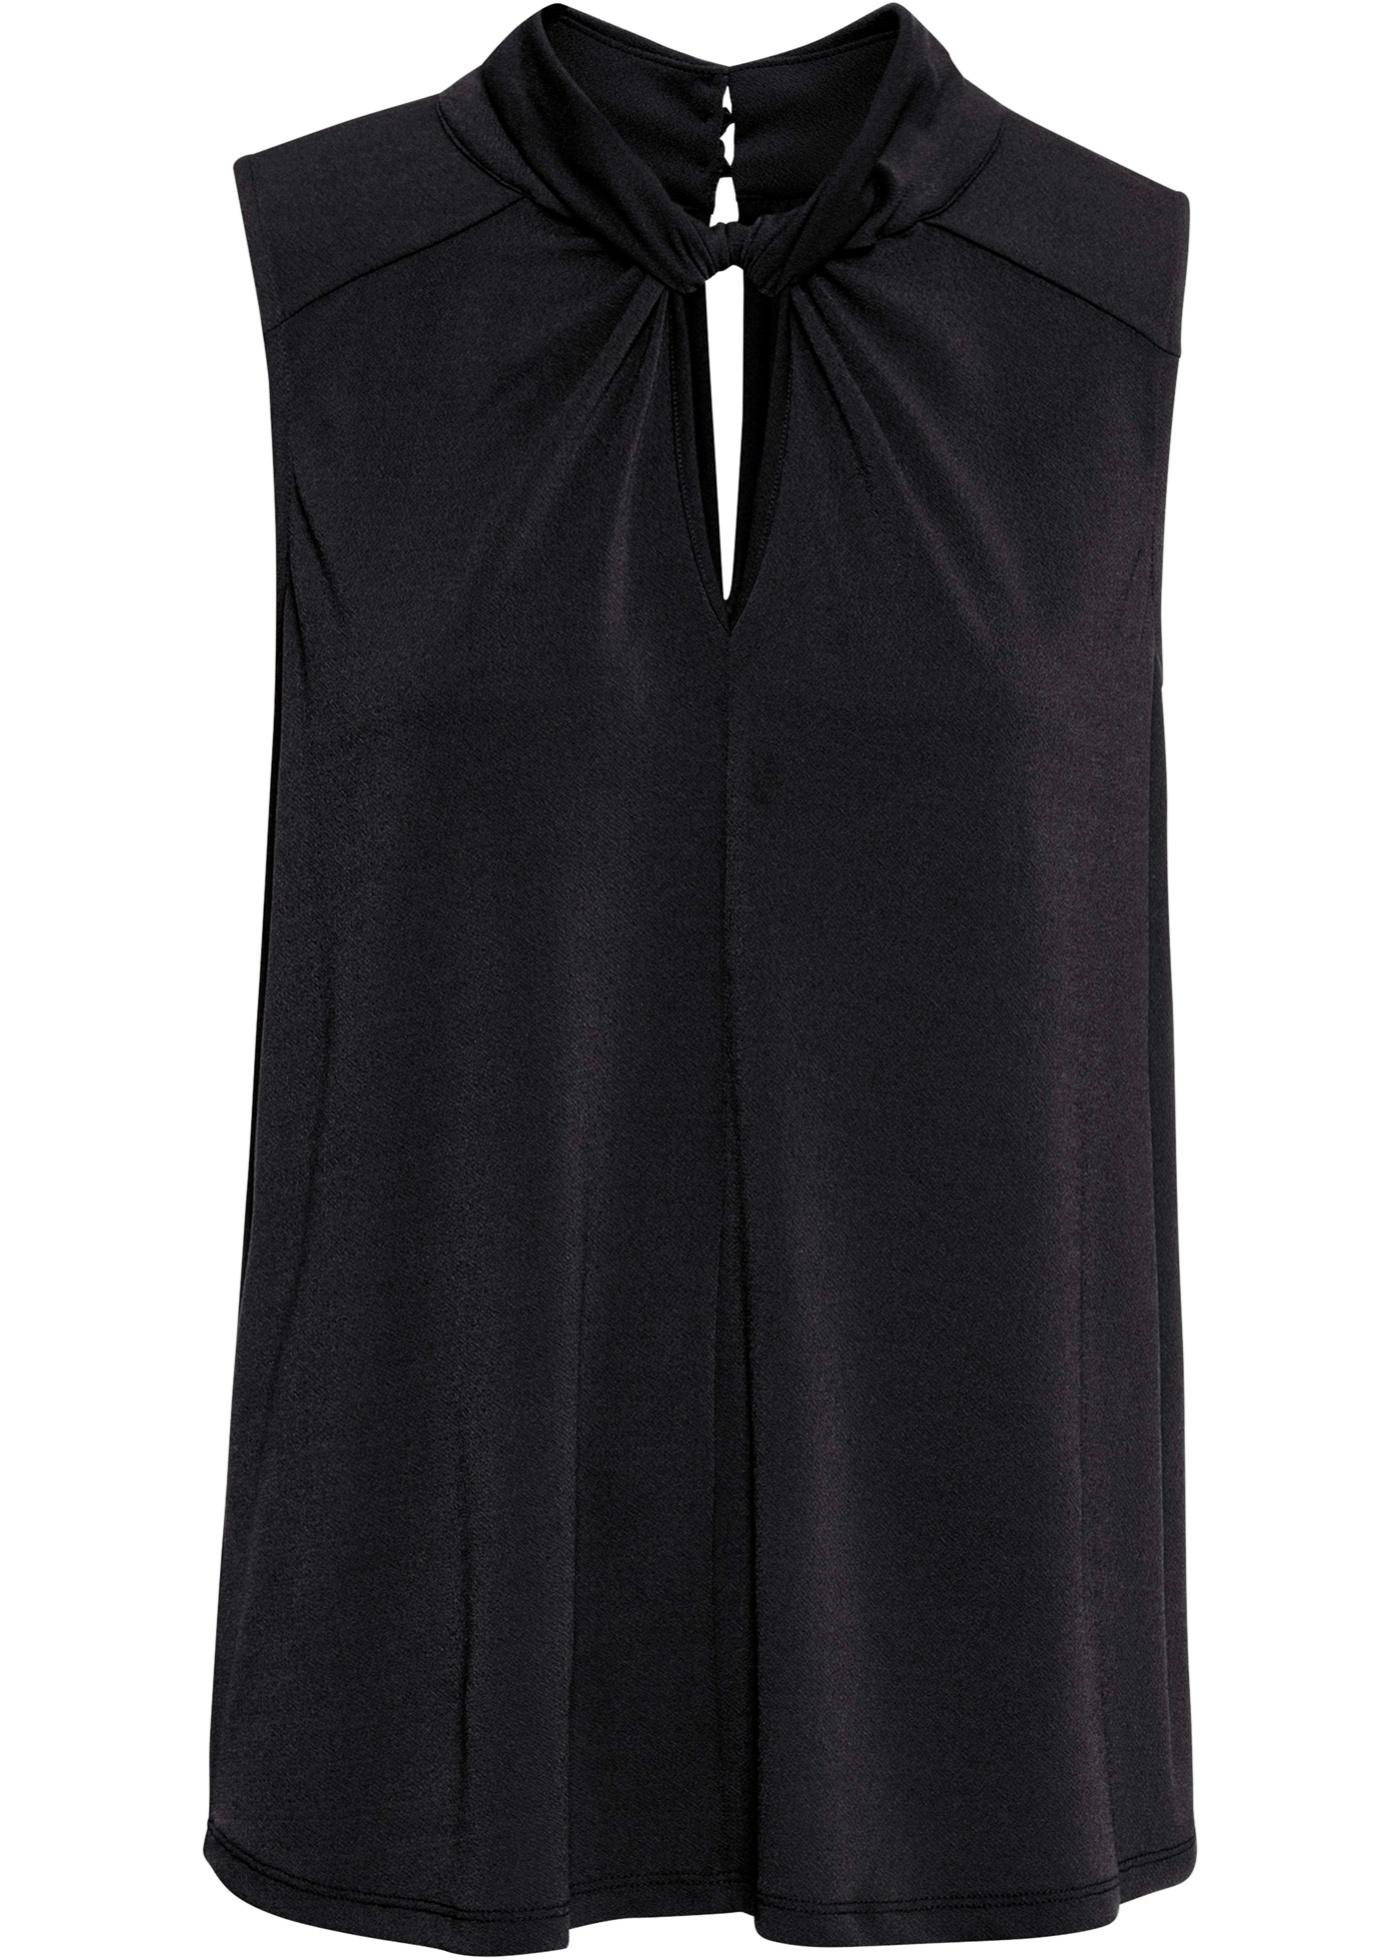 Top ohne Ärmel  in schwarz (Rundhals) für Damen von bonprix